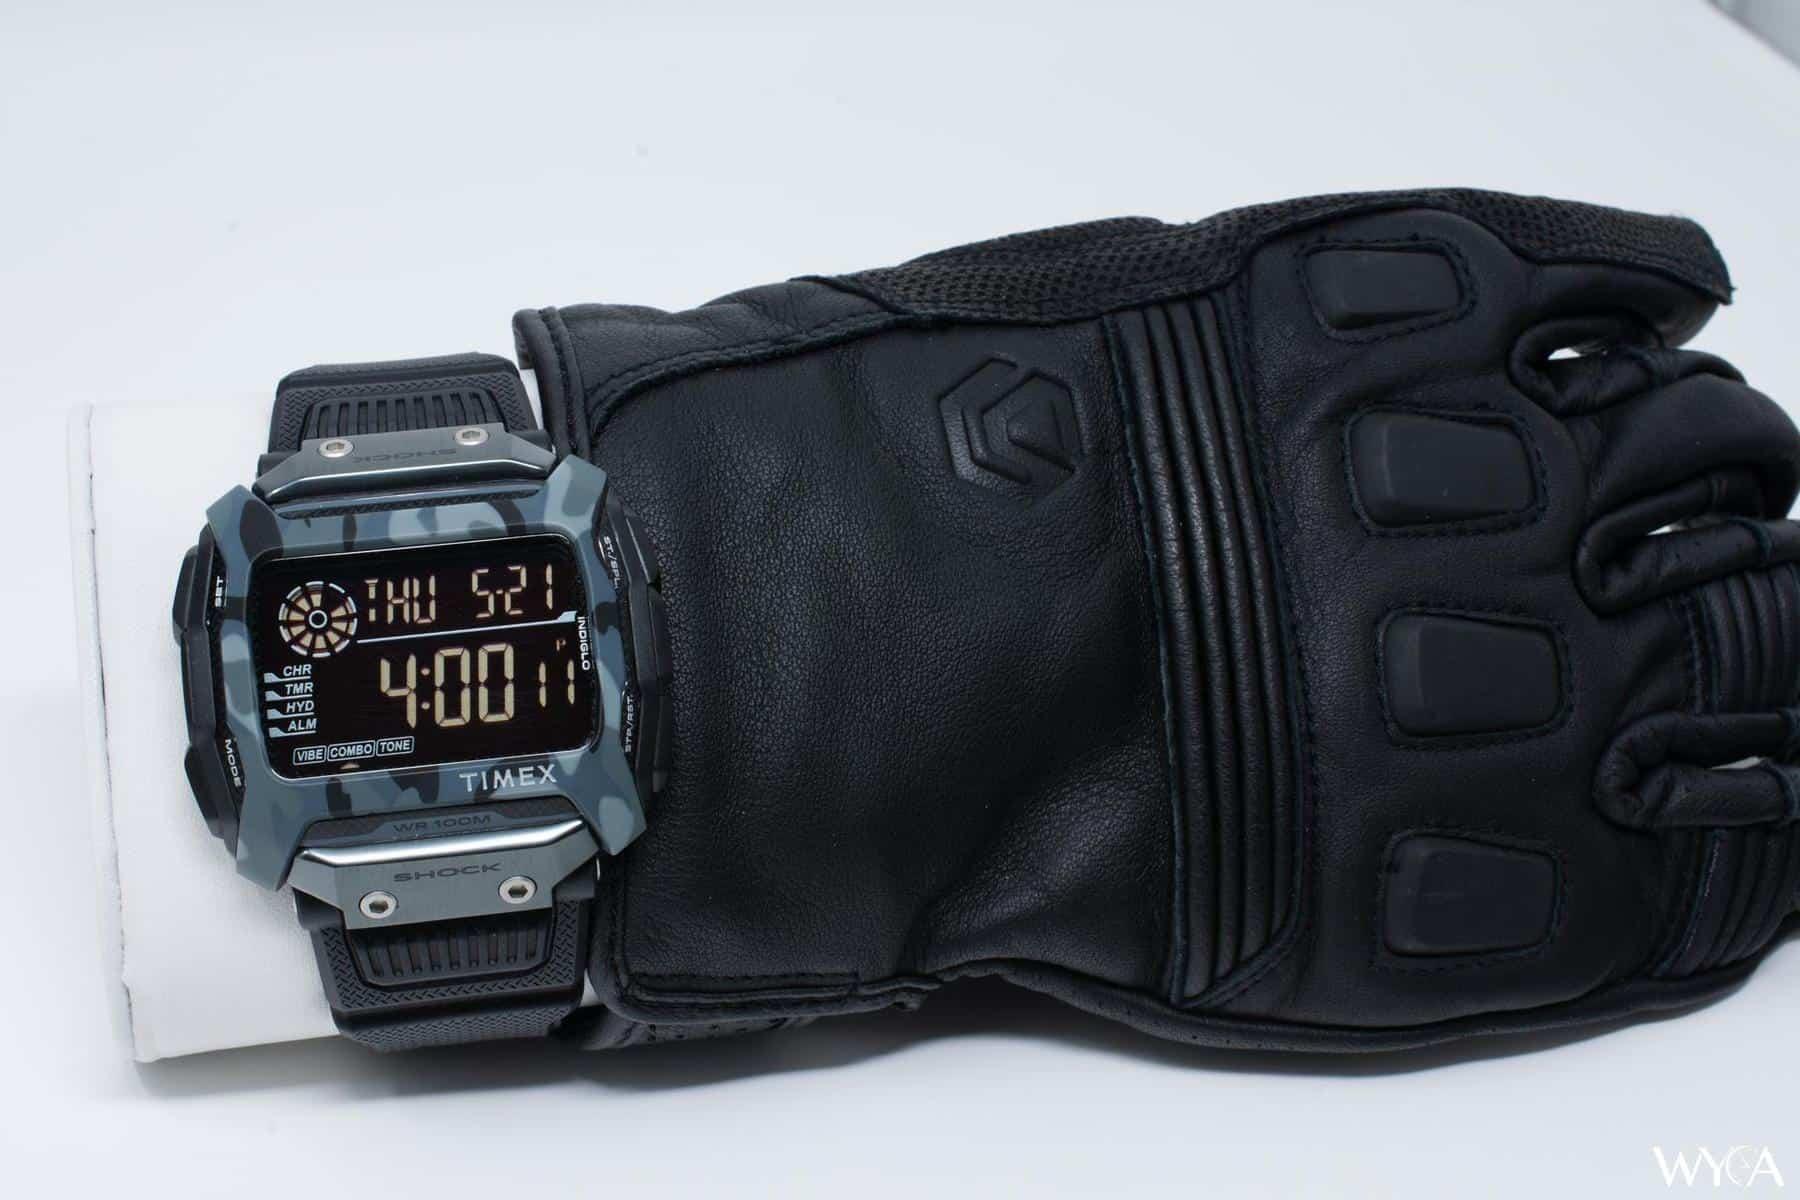 Timex Command Shock Digital Watch